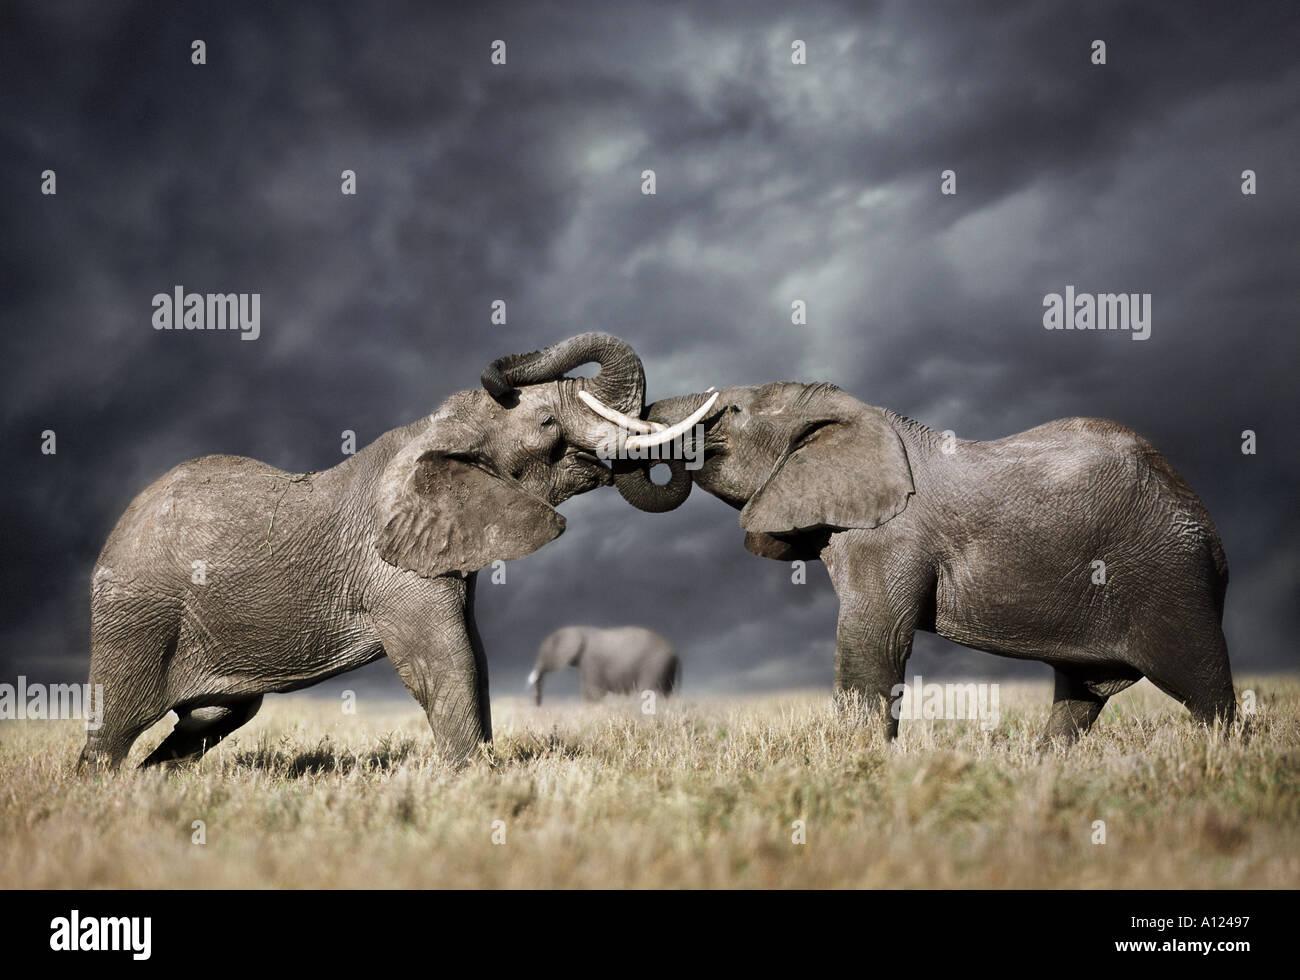 Los elefantes luchan contra el cielo tormentoso Masai Mara Kenya Imagen De Stock